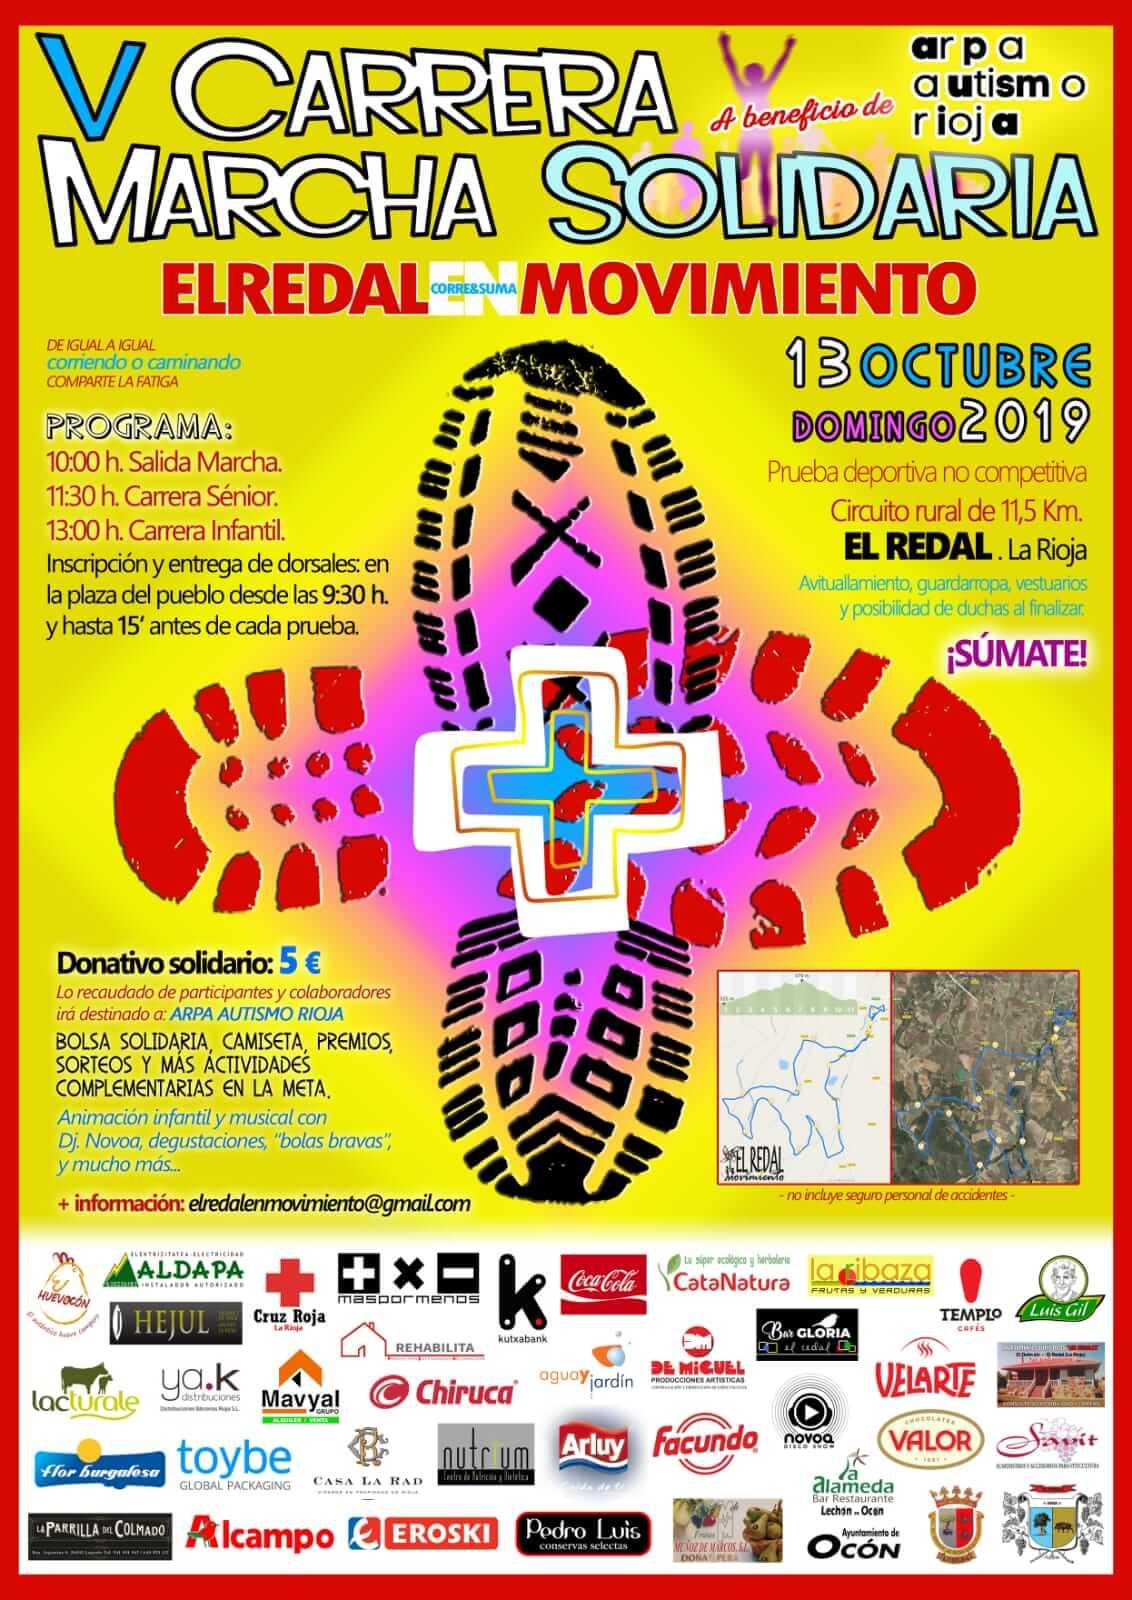 El domingo 13 se celebra la V Carrera-Marcha de El Redal, a beneficio de ARPA-Autismo Rioja